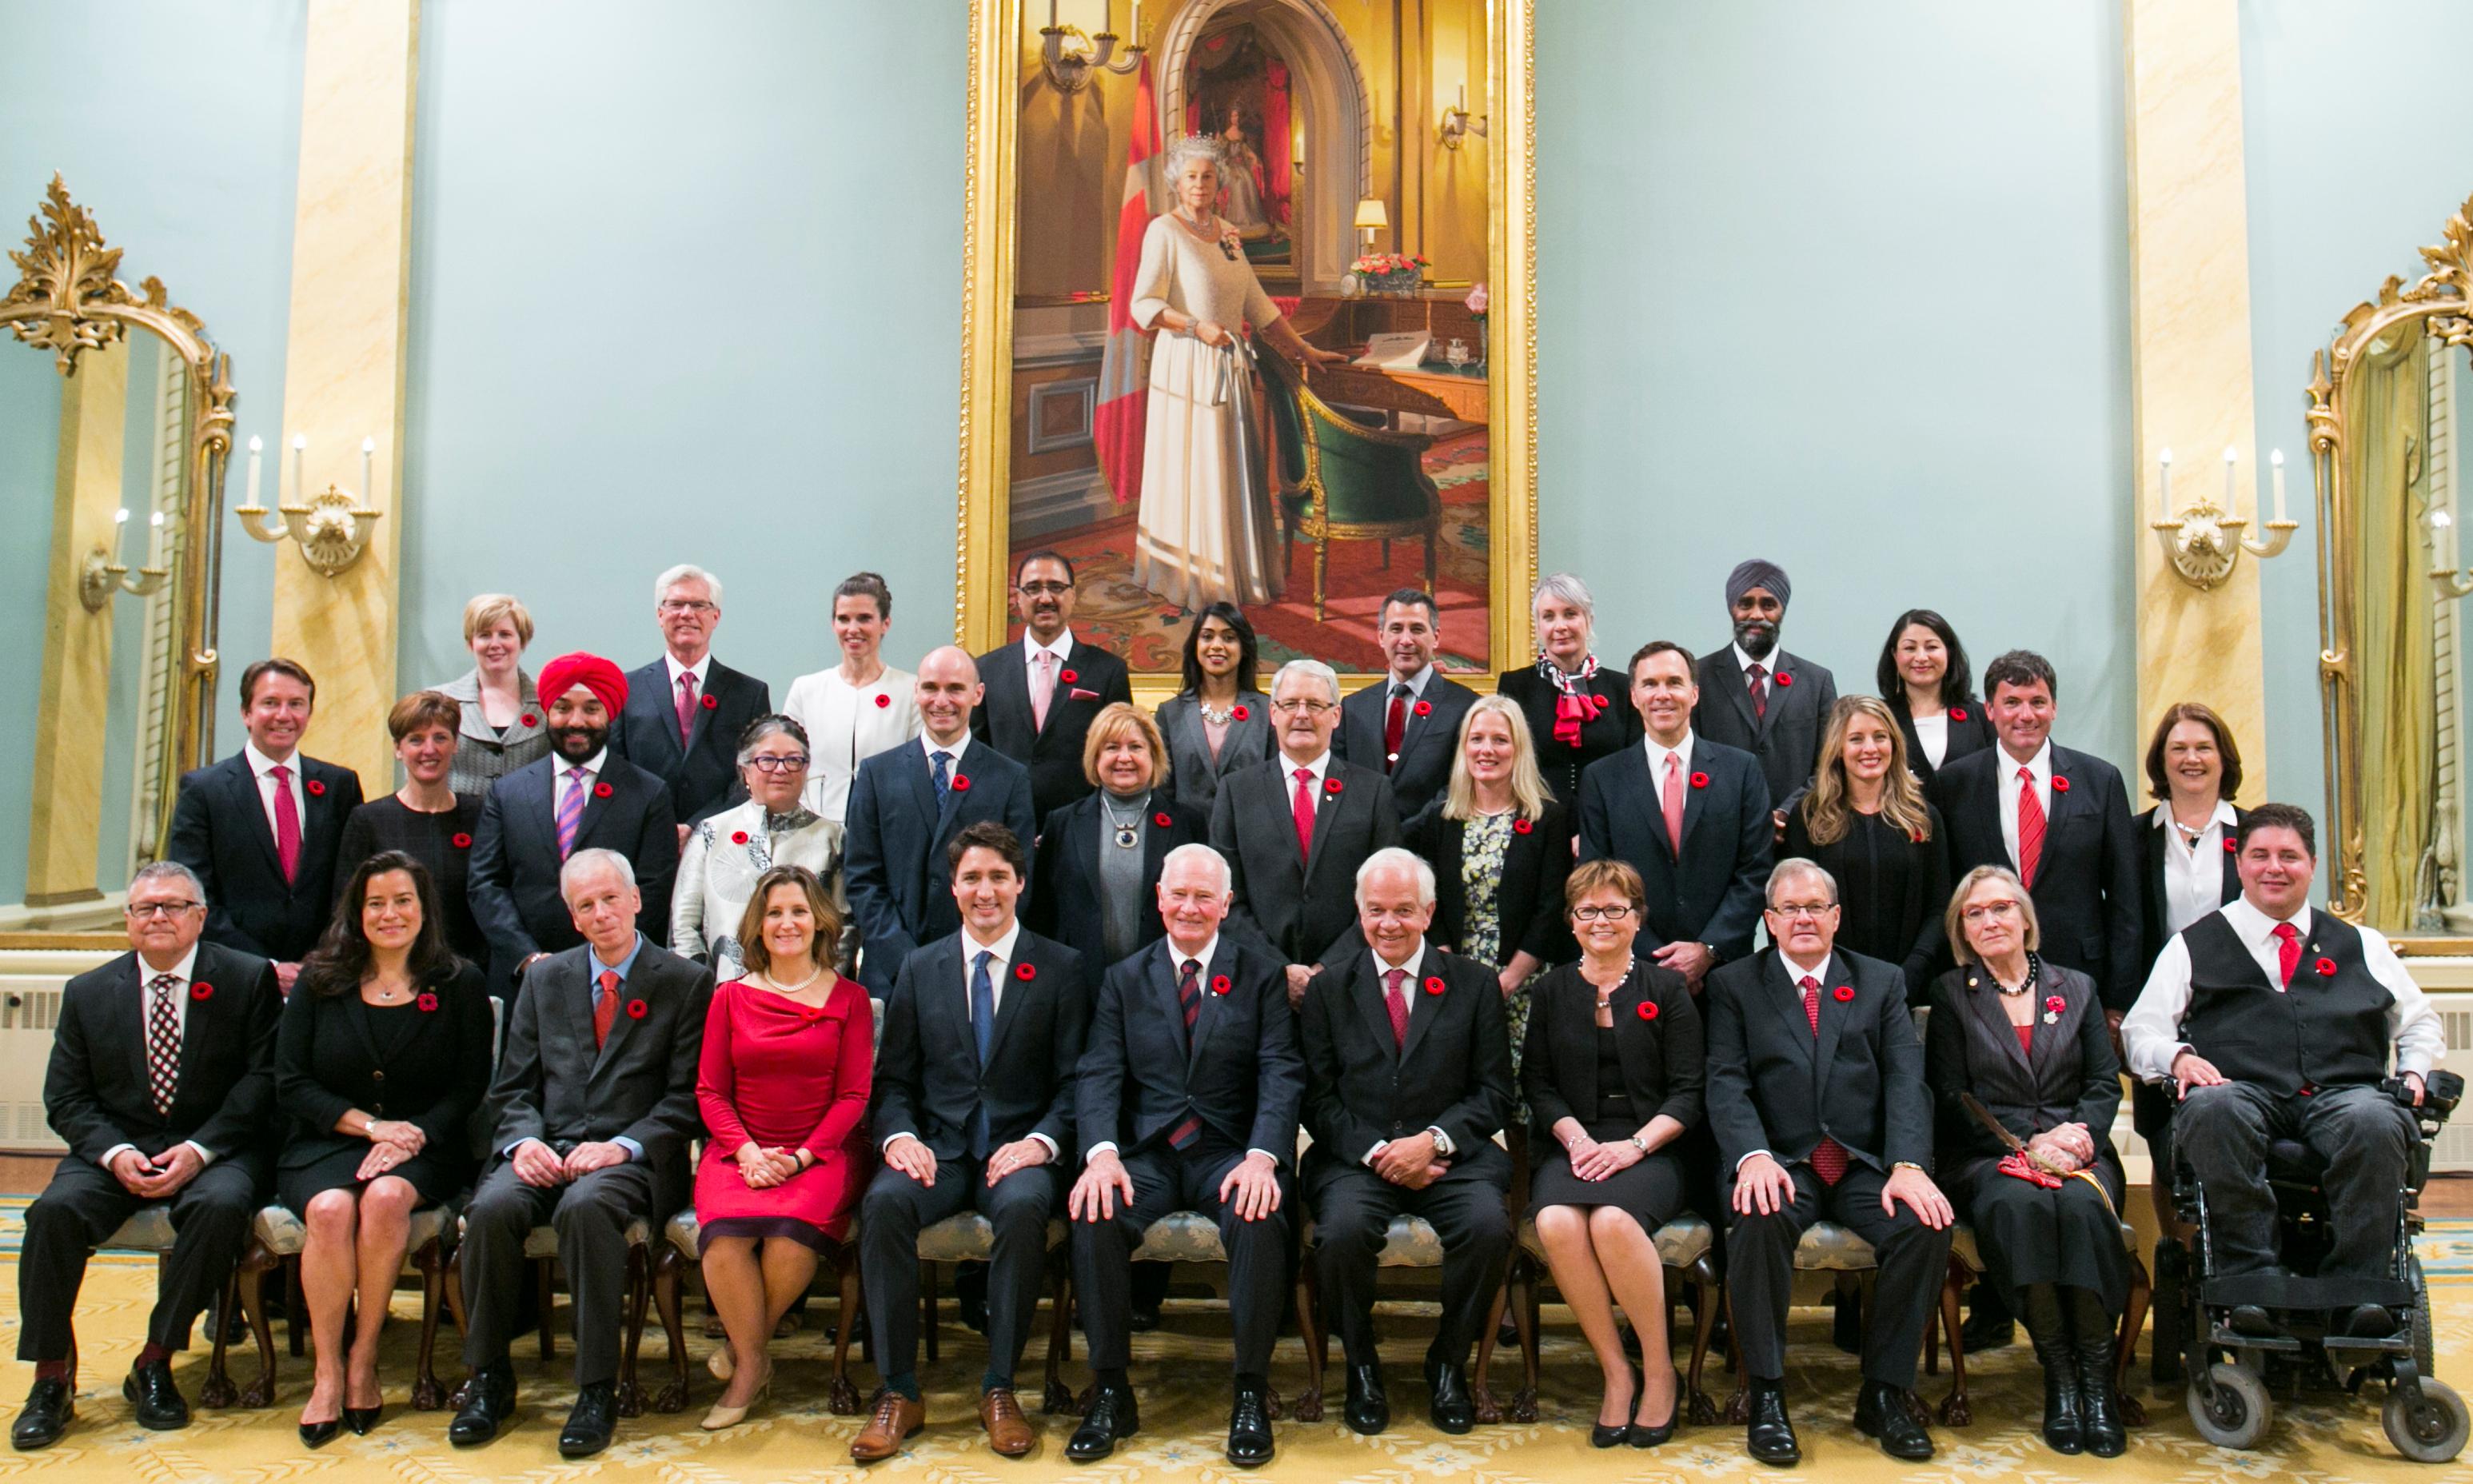 Canadá tem primeiro governo igualitário com mesmo número de homens e mulheres em seu gabinete 2